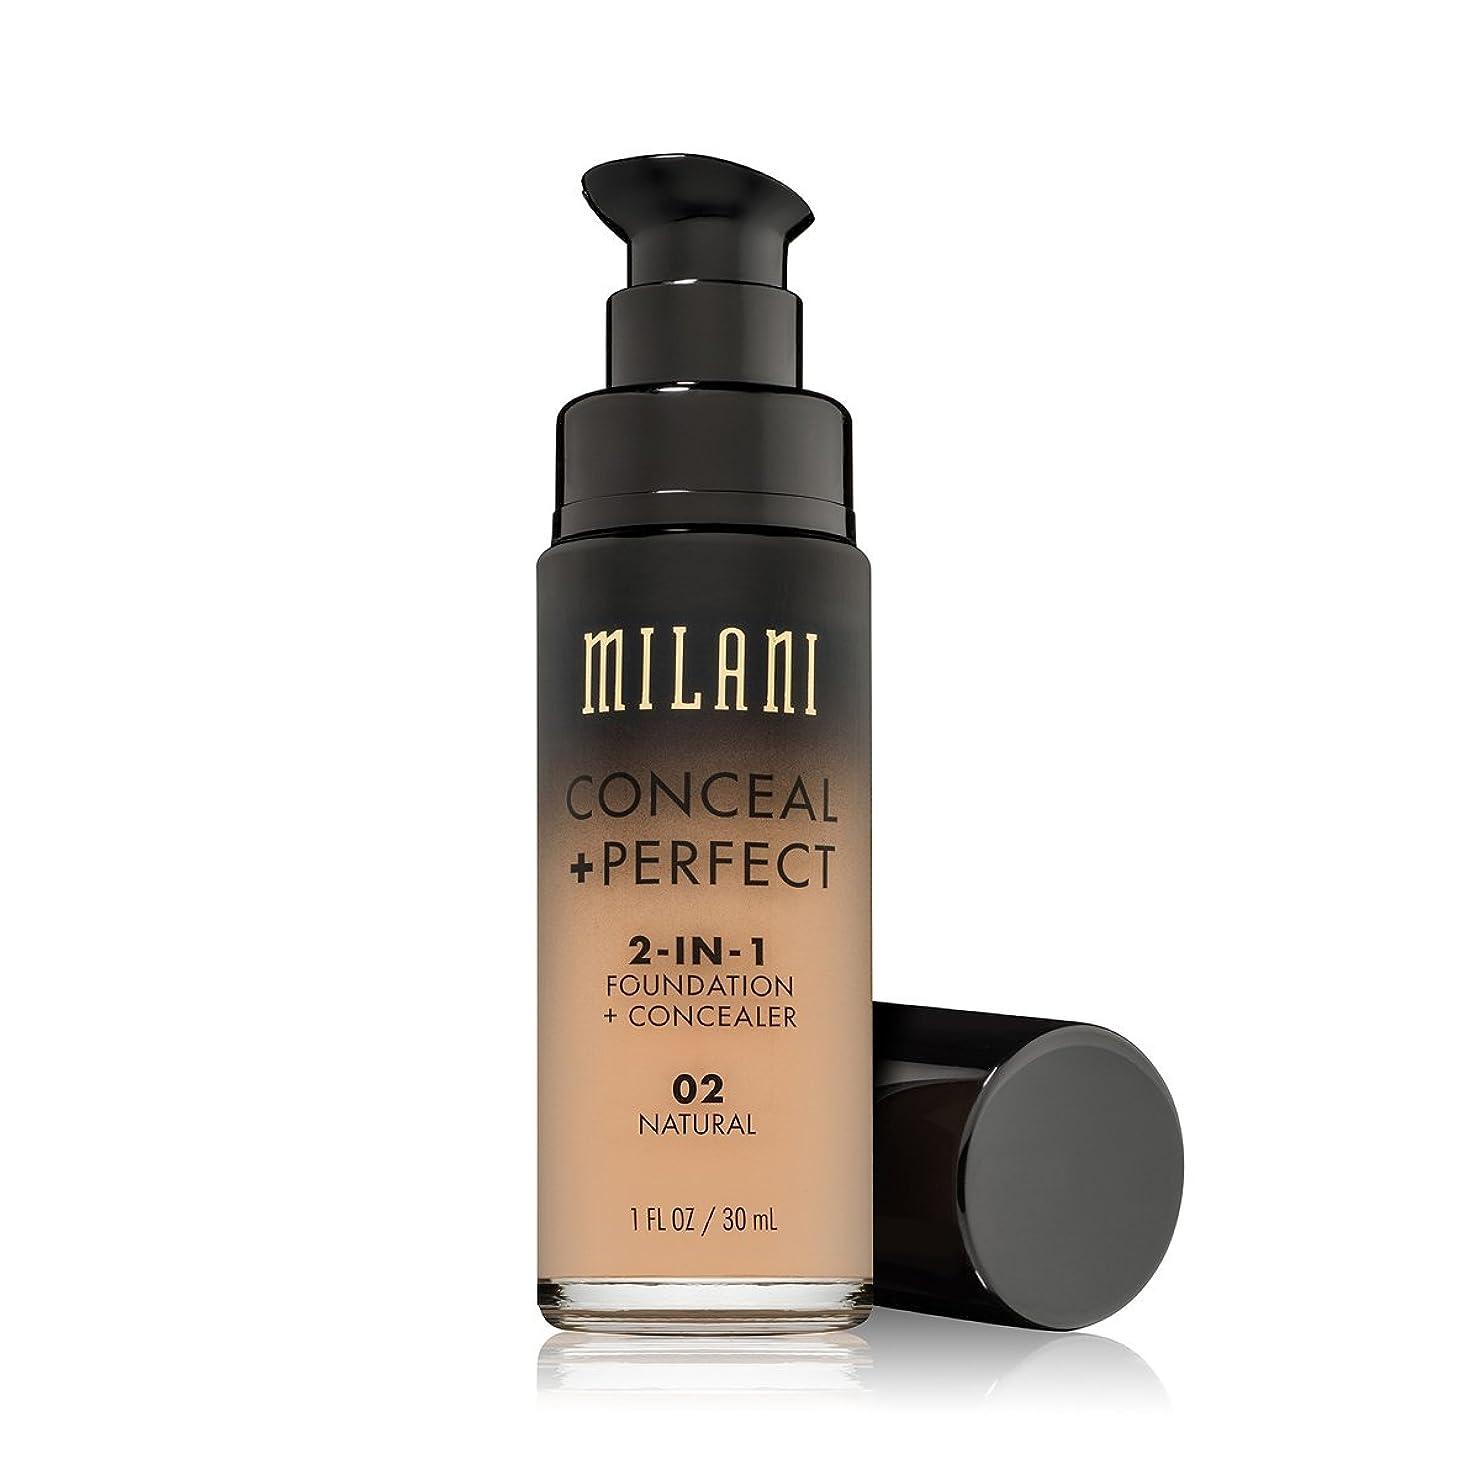 裁定無秩序不可能なMILANI Conceal + Perfect 2-In-1 Foundation + Concealer - Natural (並行輸入品)